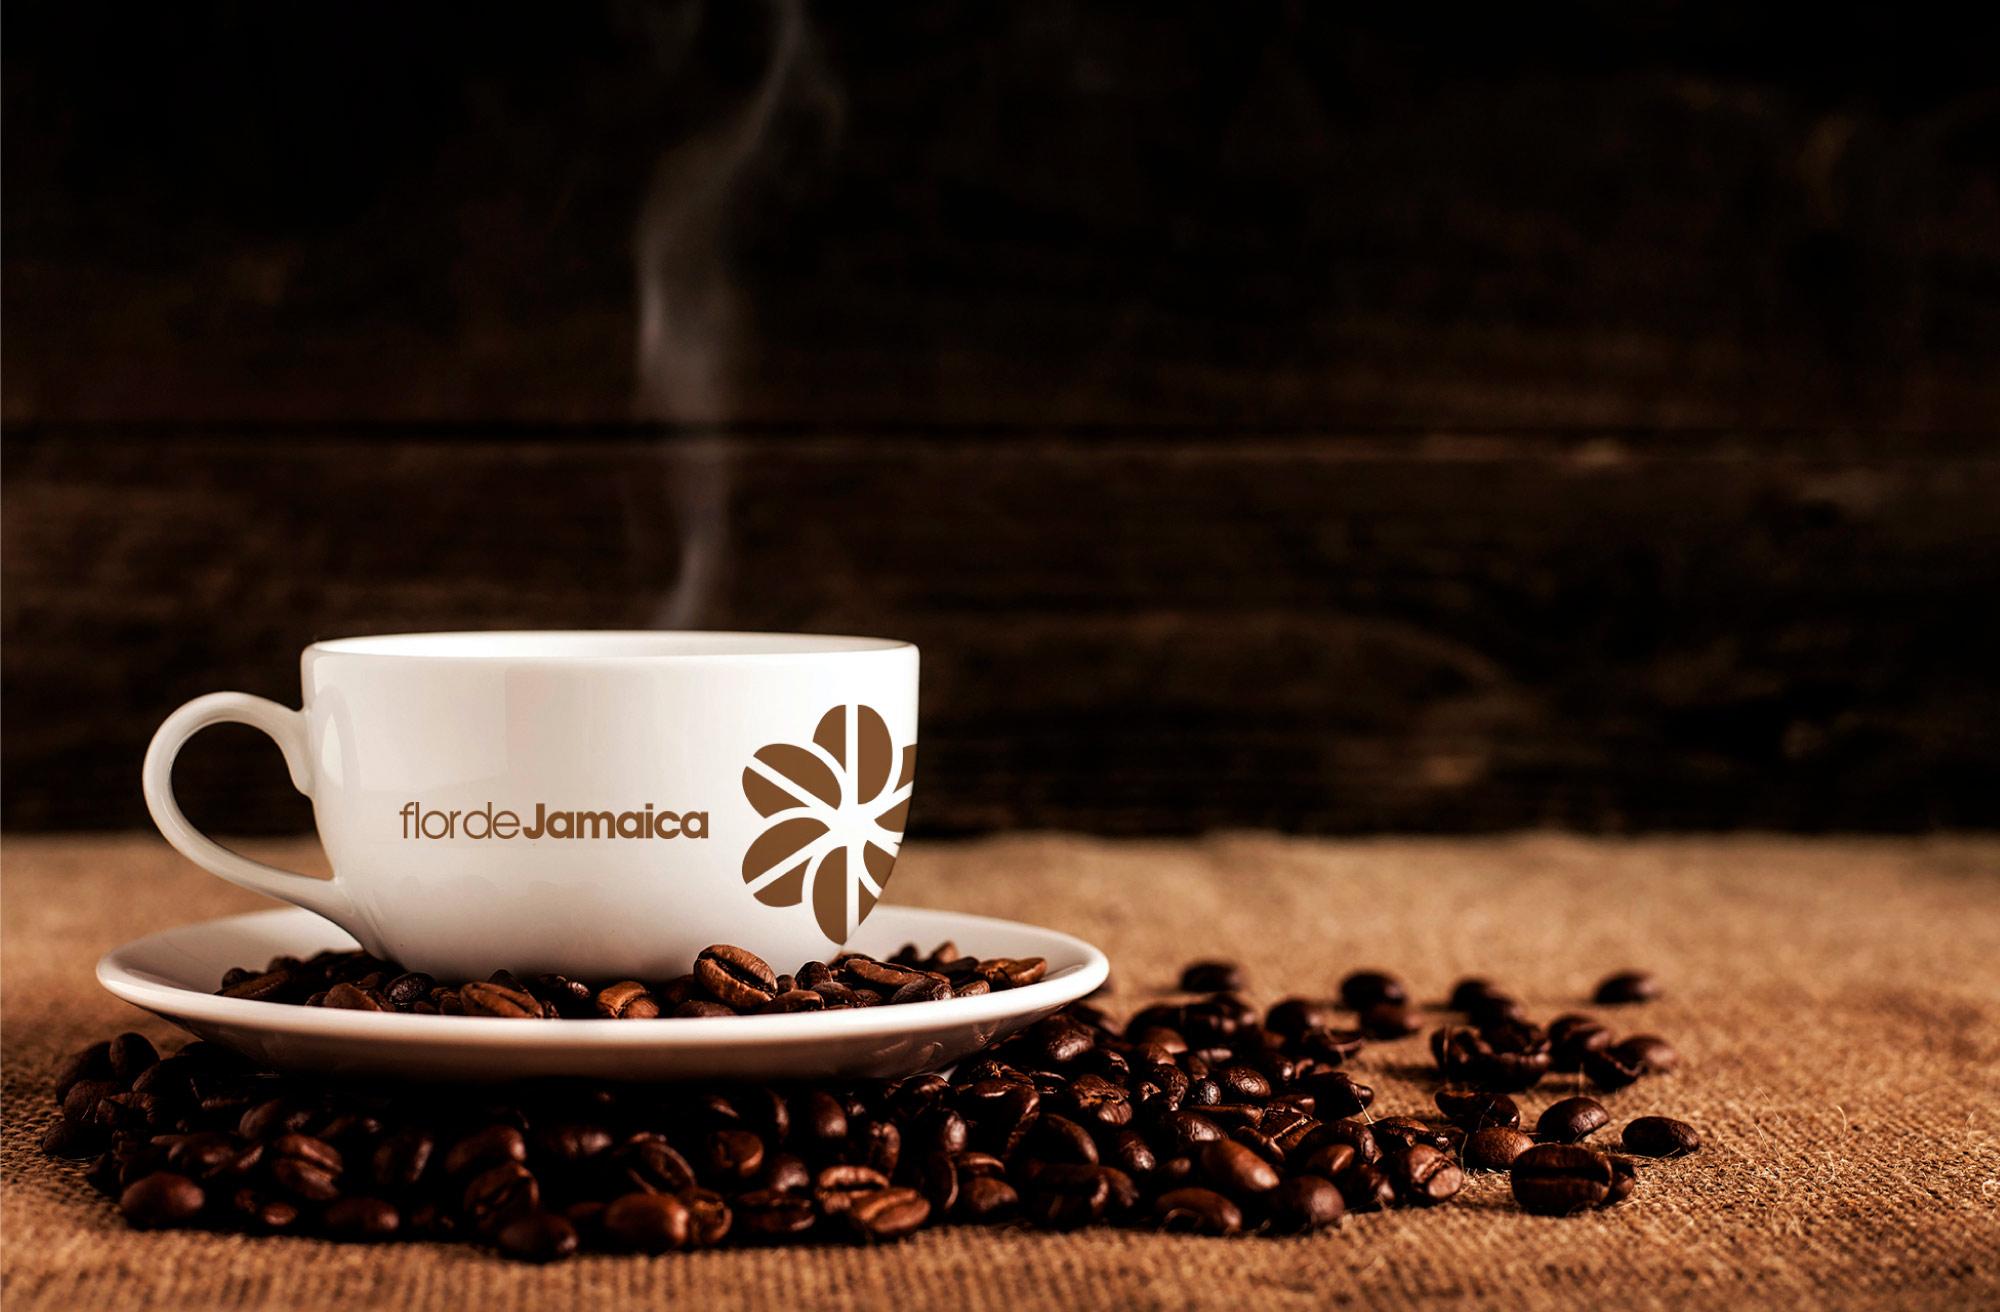 Flor-de-jamaica-branding-03